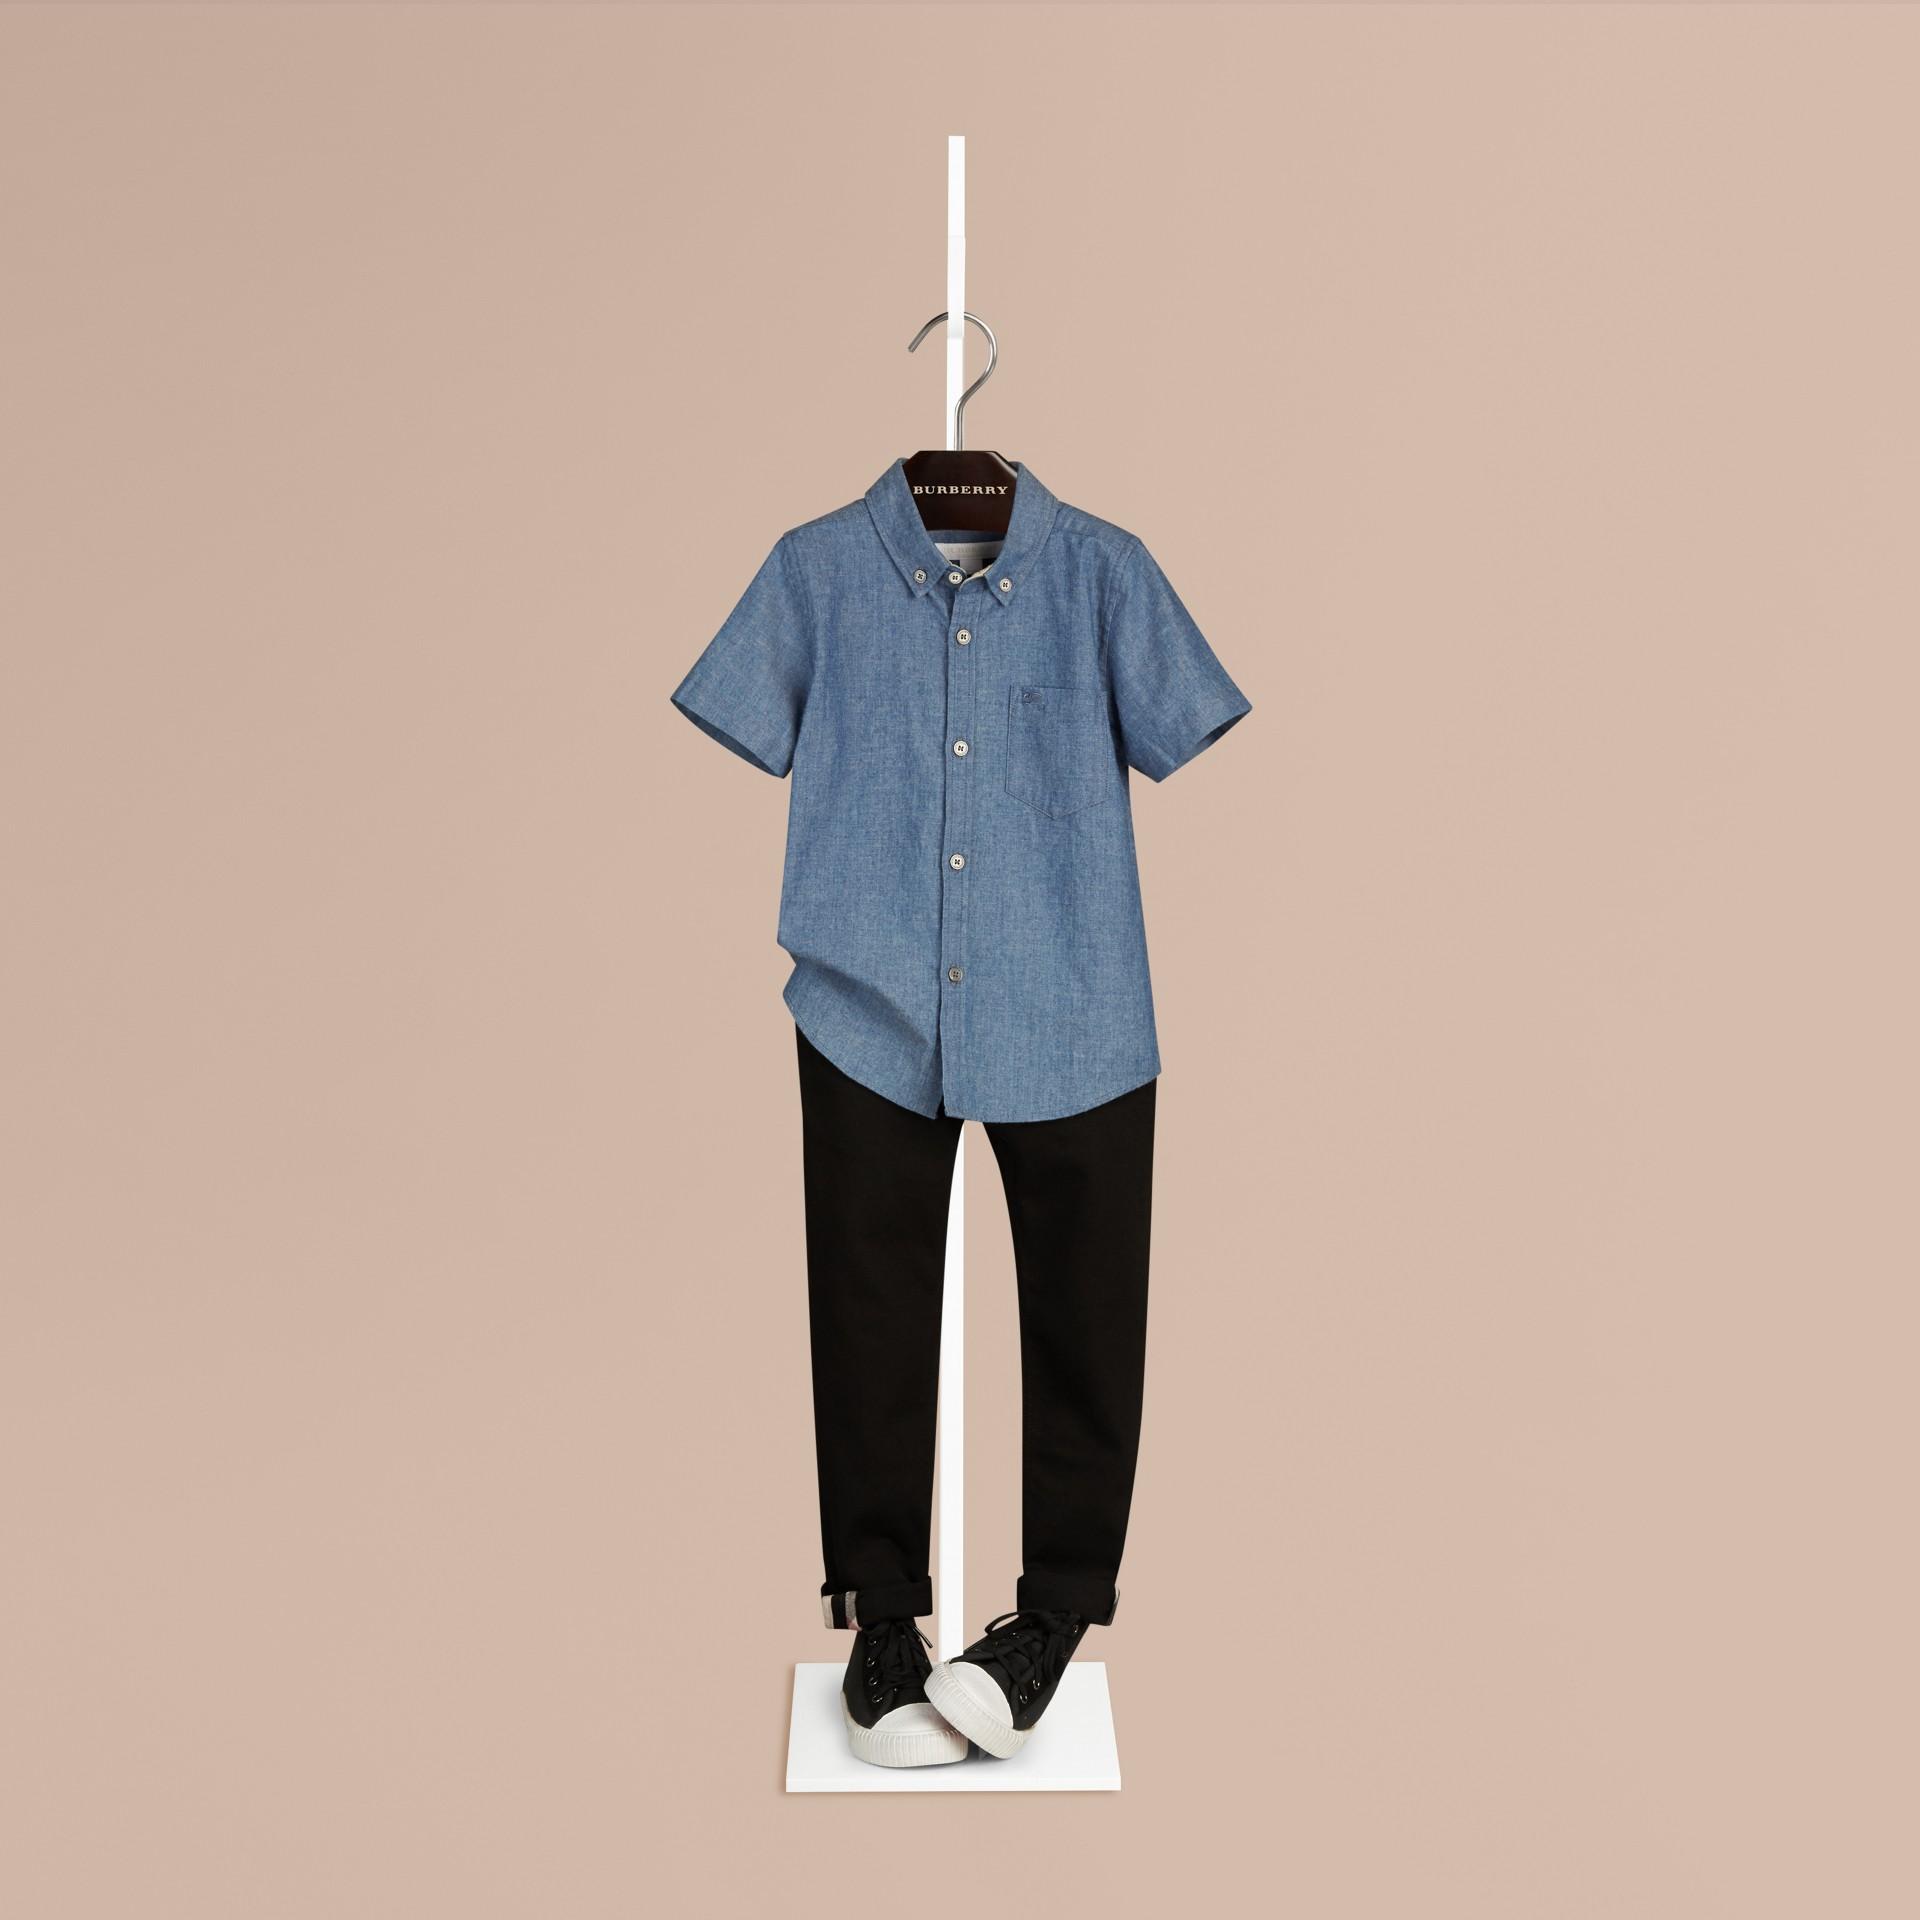 ストーンブルー チェックディテール ボタンダウンカラー コットンシャツ - ギャラリーイメージ 1